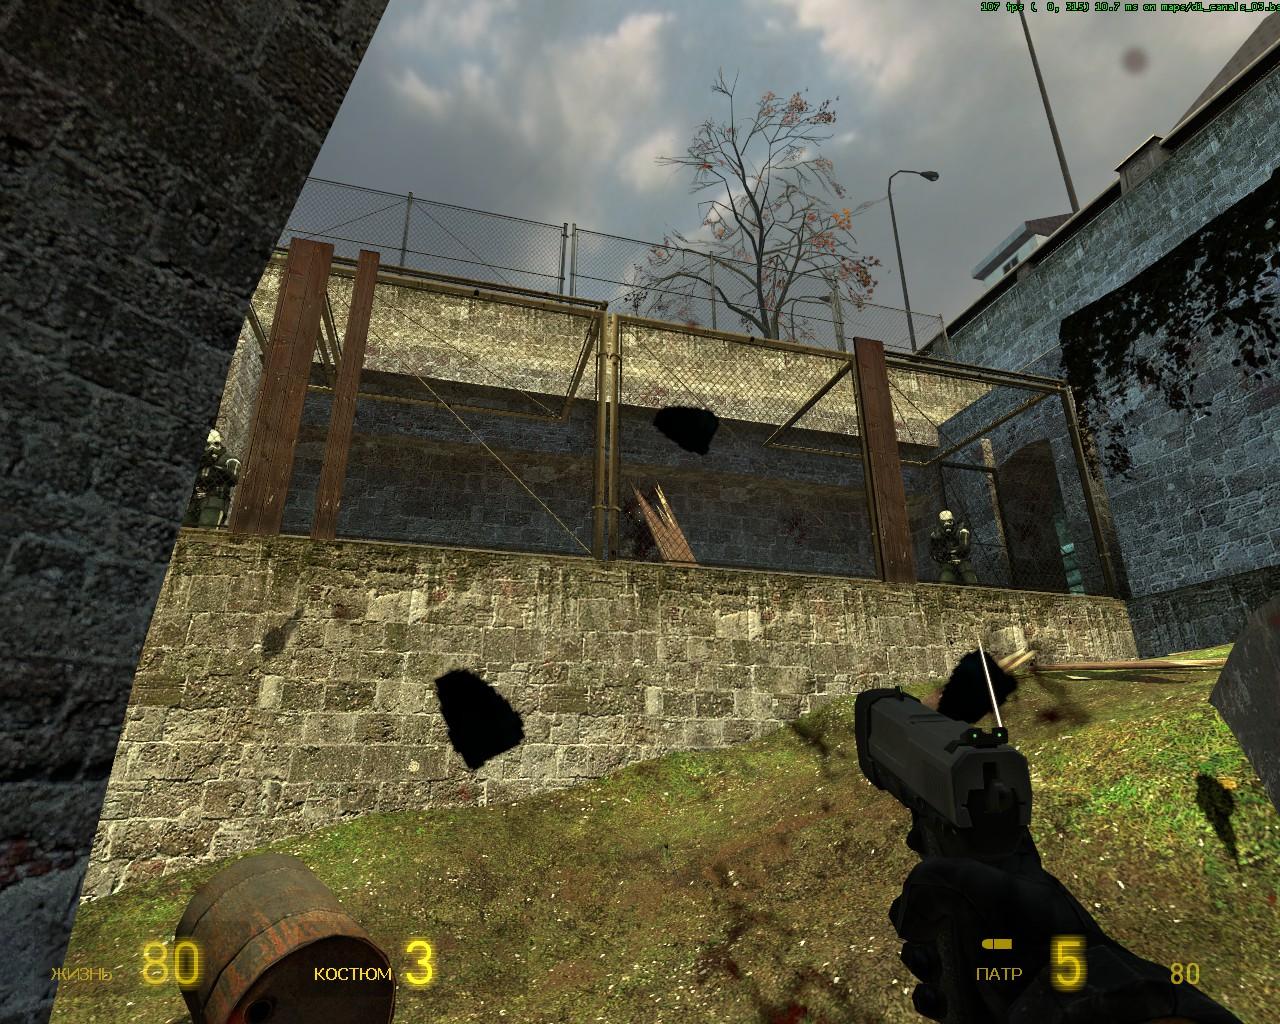 d1_canals_030011.jpg - Half-Life 2